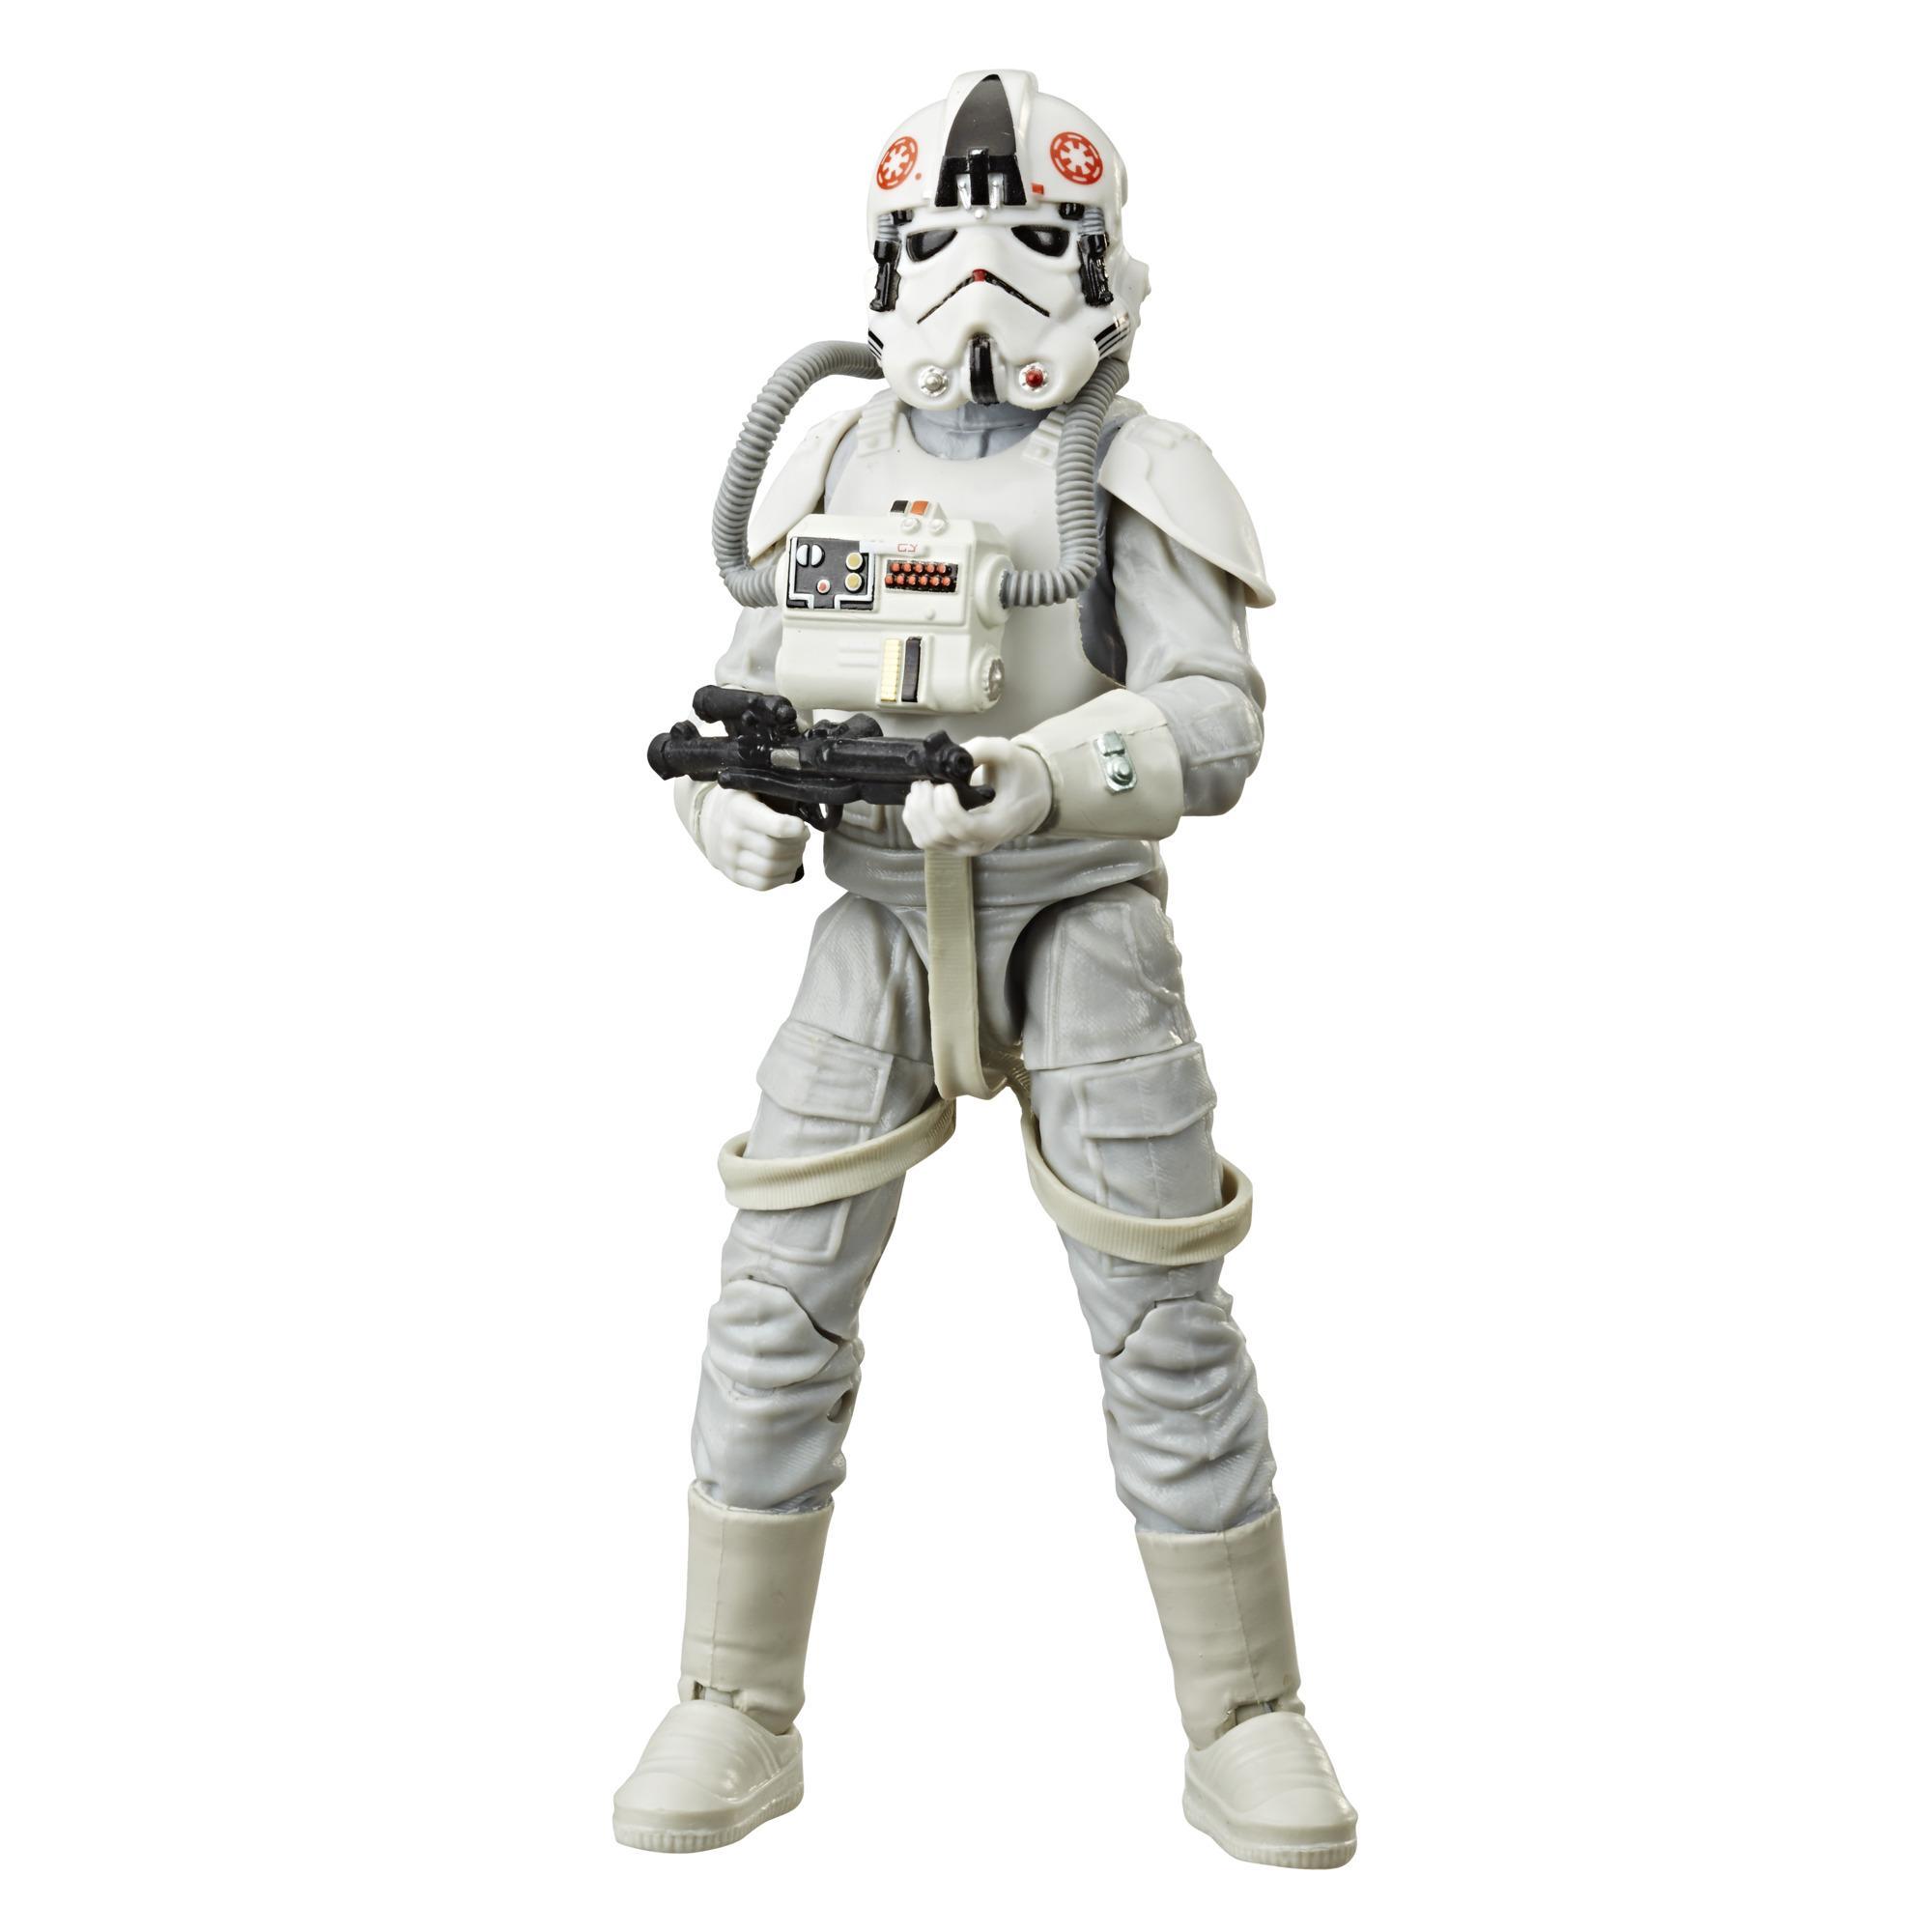 Star Wars The Black Series AT-AT-Fahrer Star Wars: Das Imperium schlägt zurück 40-jähriges Jubiläum Action-Figur